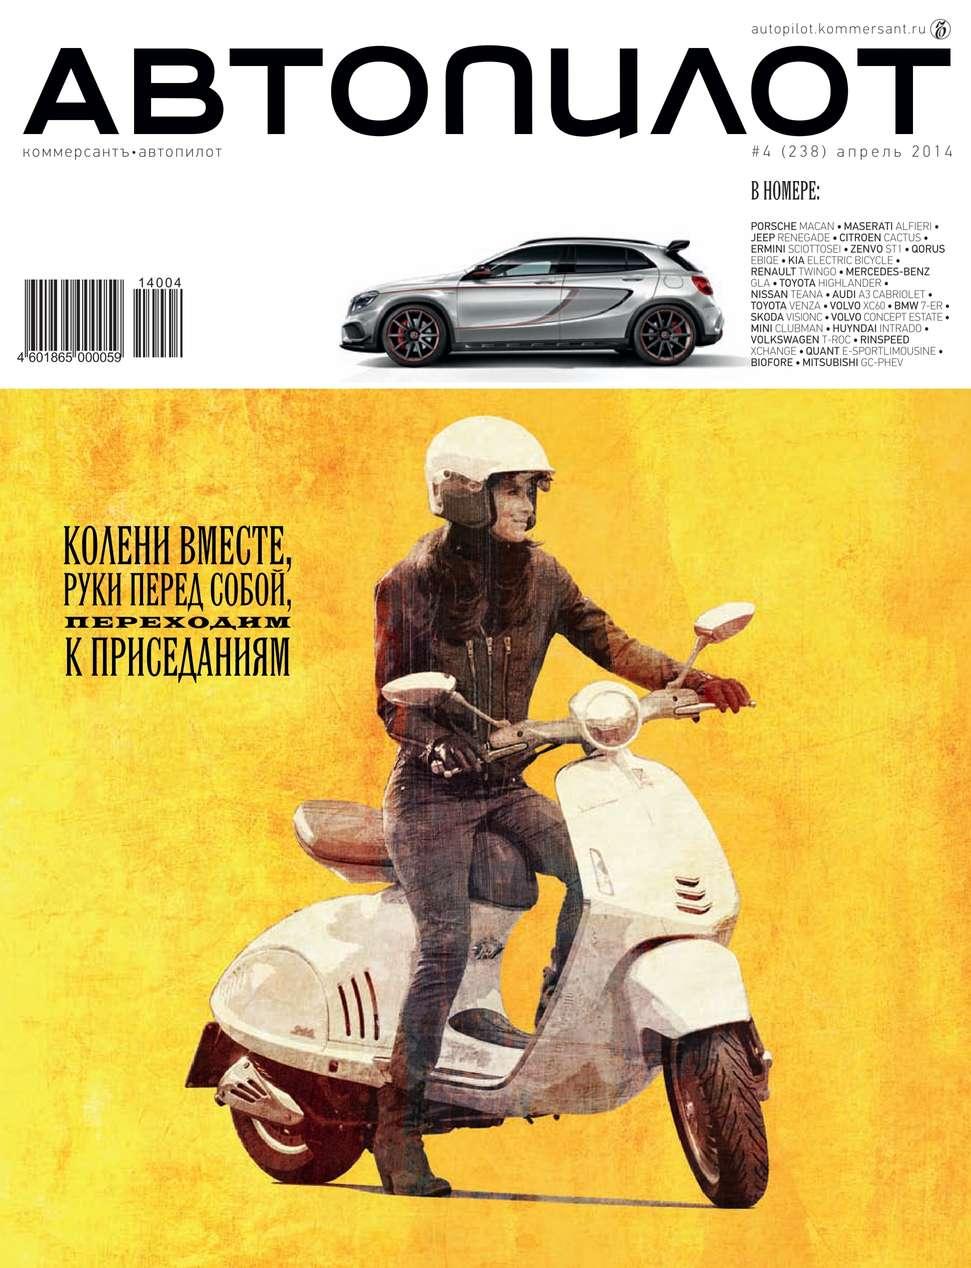 Редакция журнала Автопилот Автопилот 04-2014 новости для автомобилистов 2016